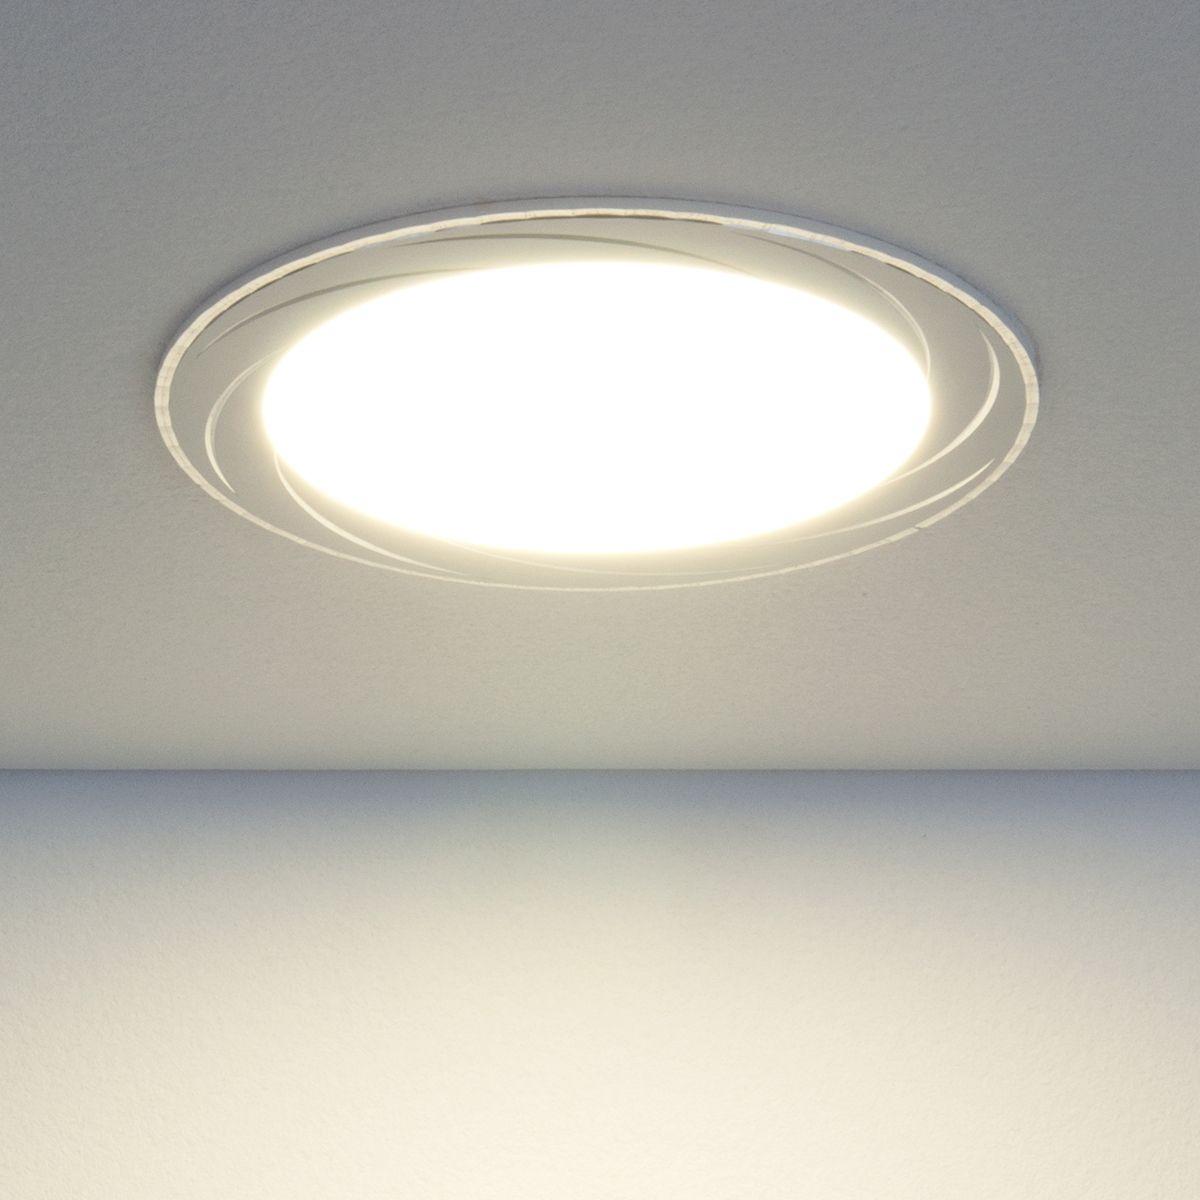 Встраиваемый светодиодный светильник DLR004 12W 4200K WH белый